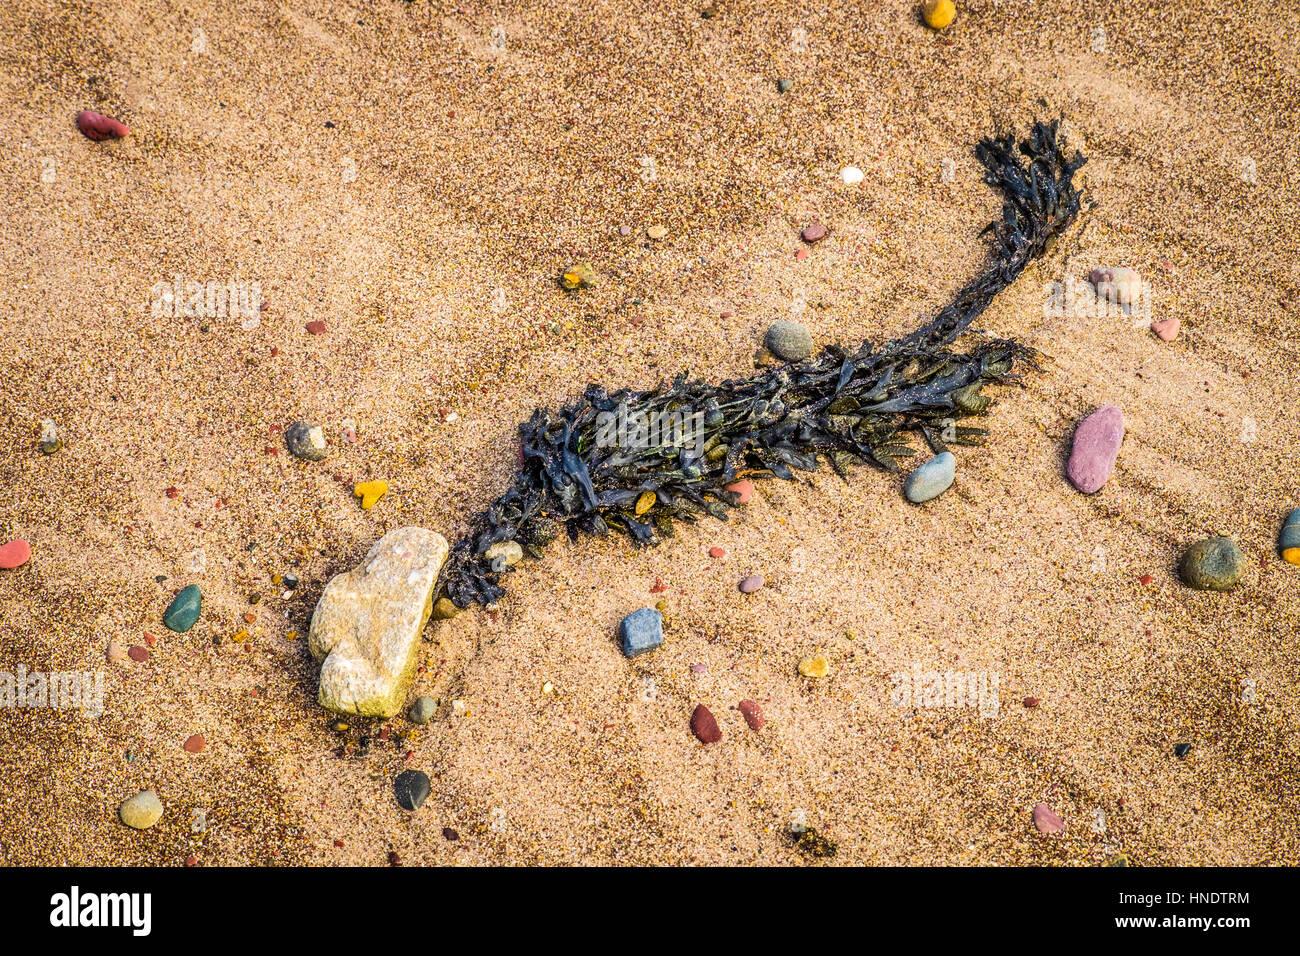 Seaweed on rocks - Stock Image